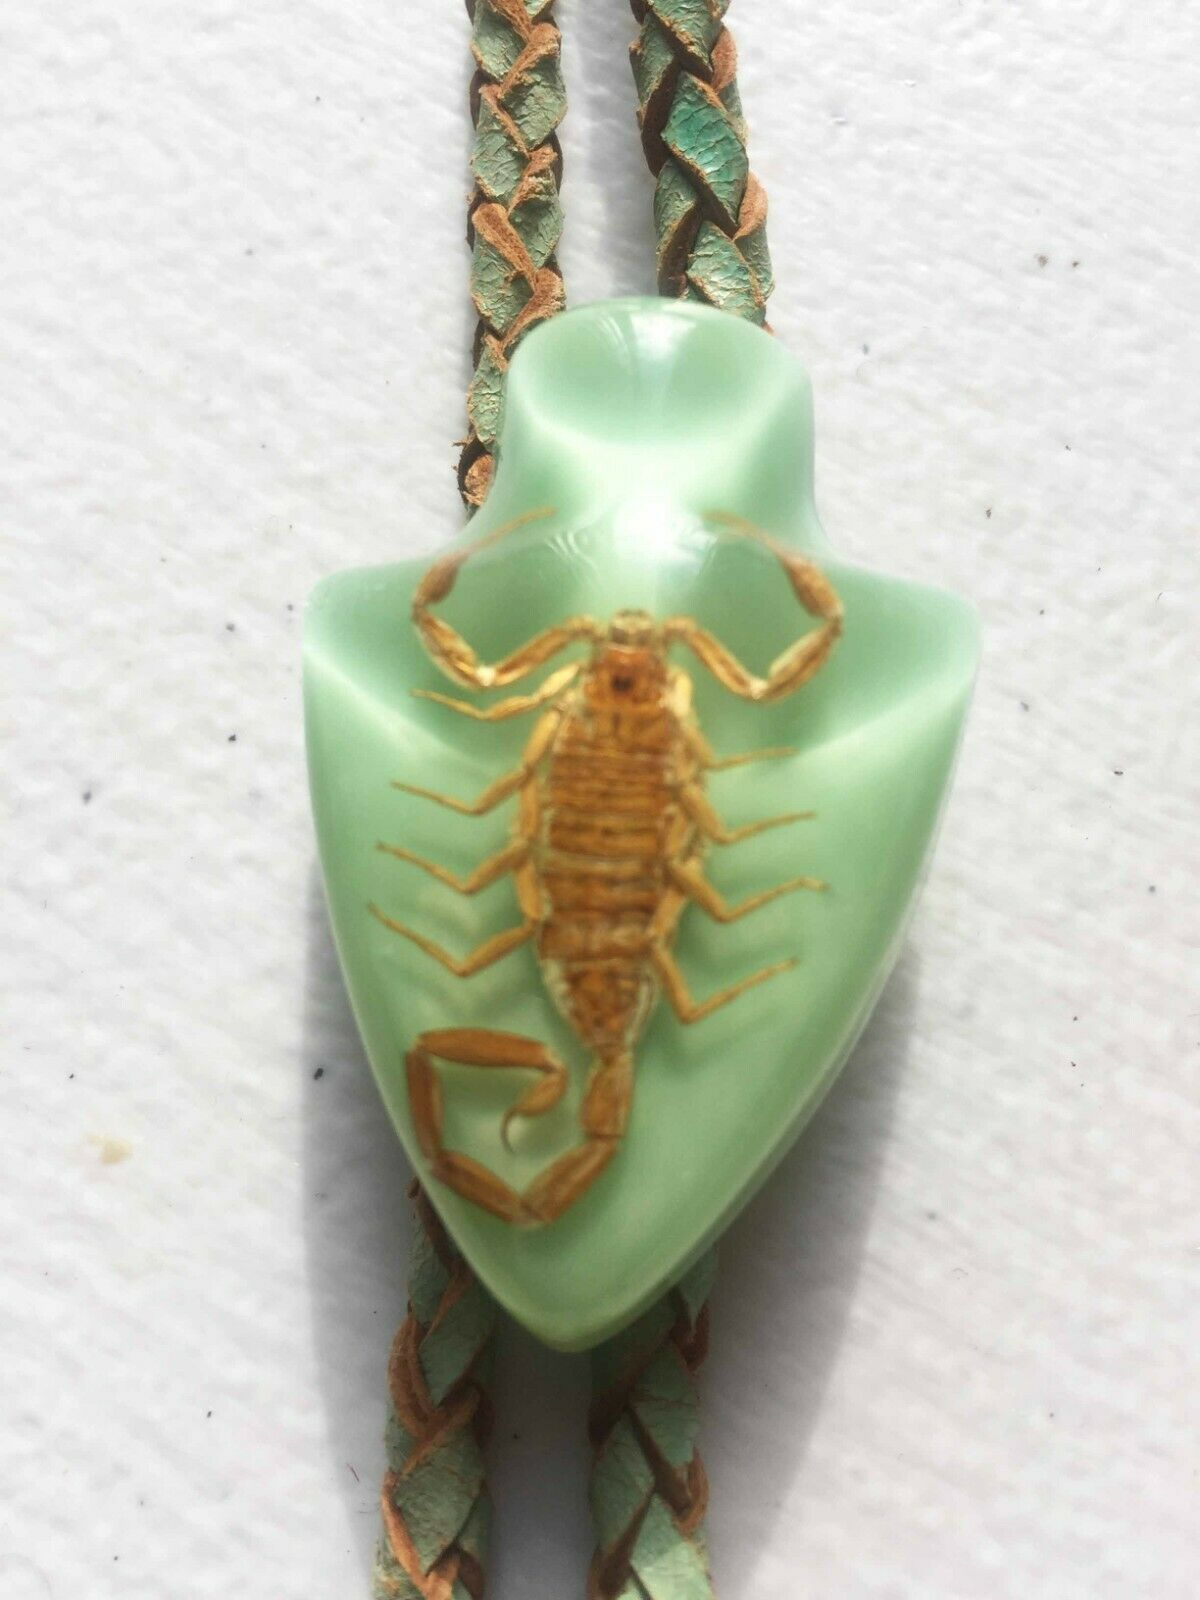 70s Bolo tie, REAL SCORPION in slide! Scorpions, way cool, Arrowhead